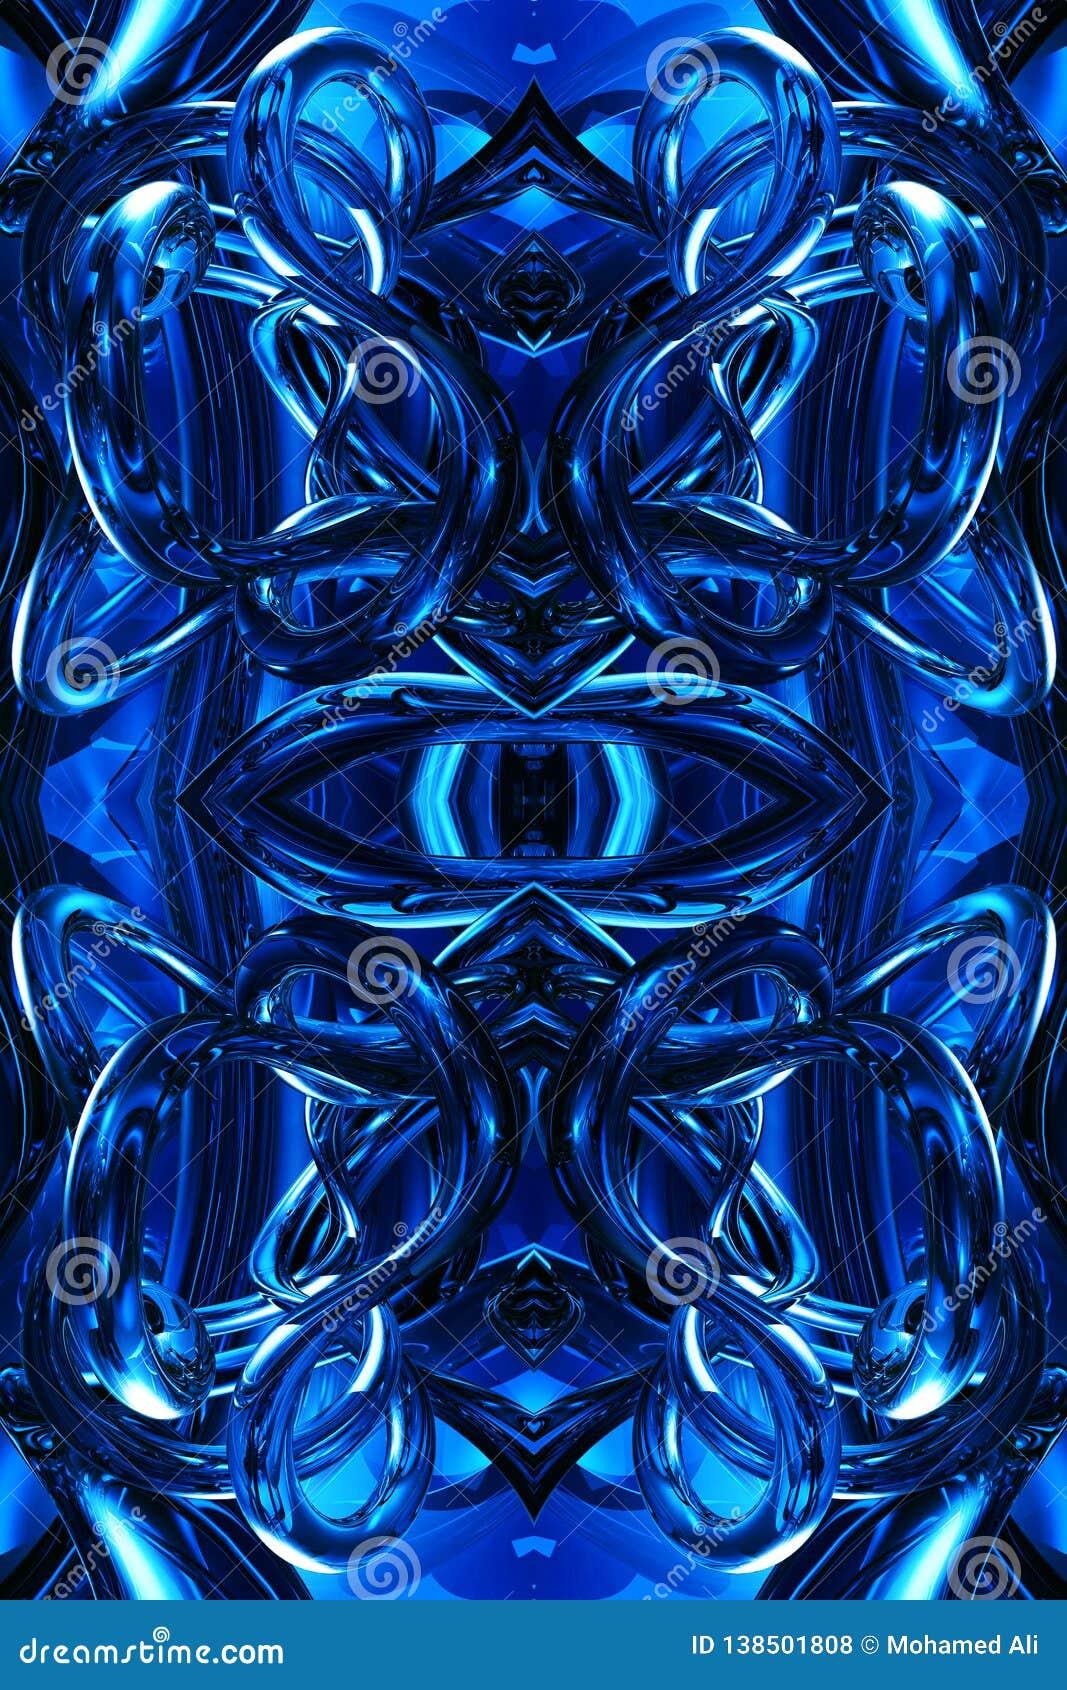 Fondo abstracto enérgico futurista moderno azul generado por ordenador único artístico de las ilustraciones de los fractales 3d